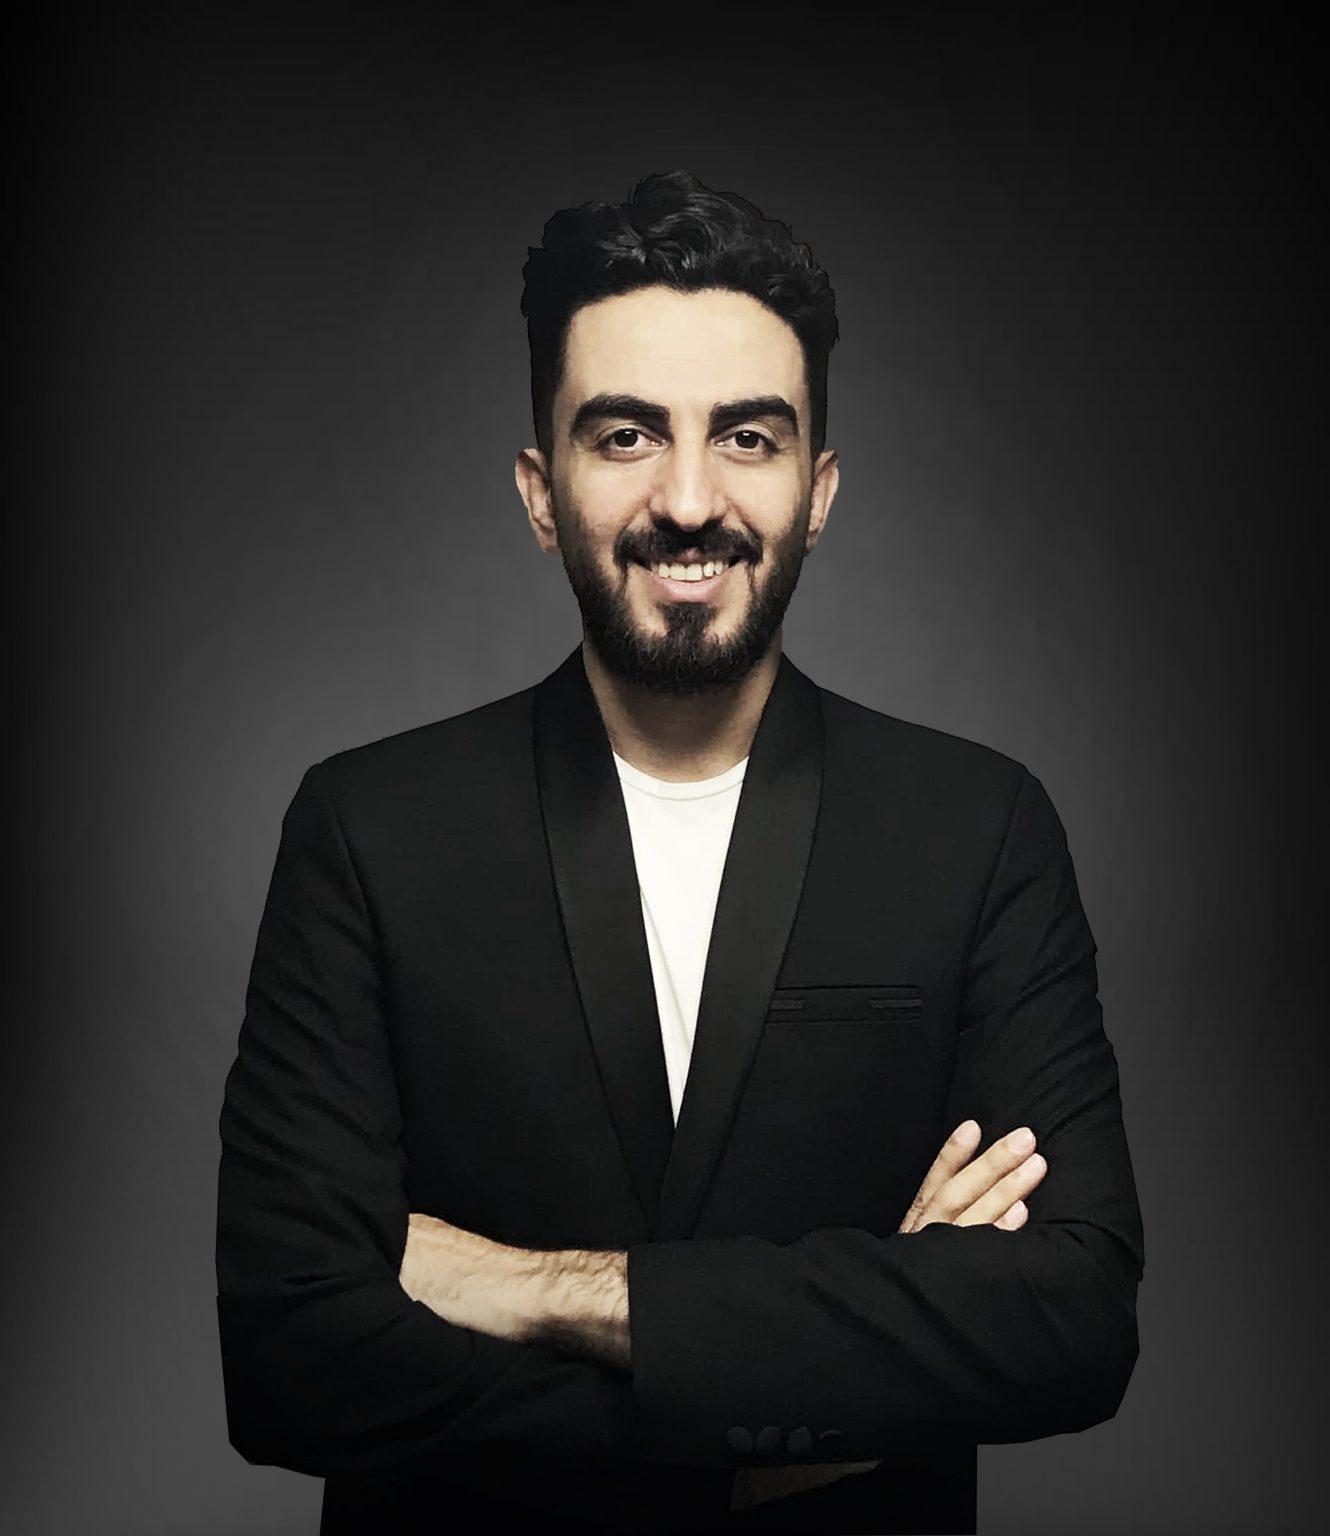 بهمن فکوری موسس مدرسه BFD | آموزش طراحی جواهرت